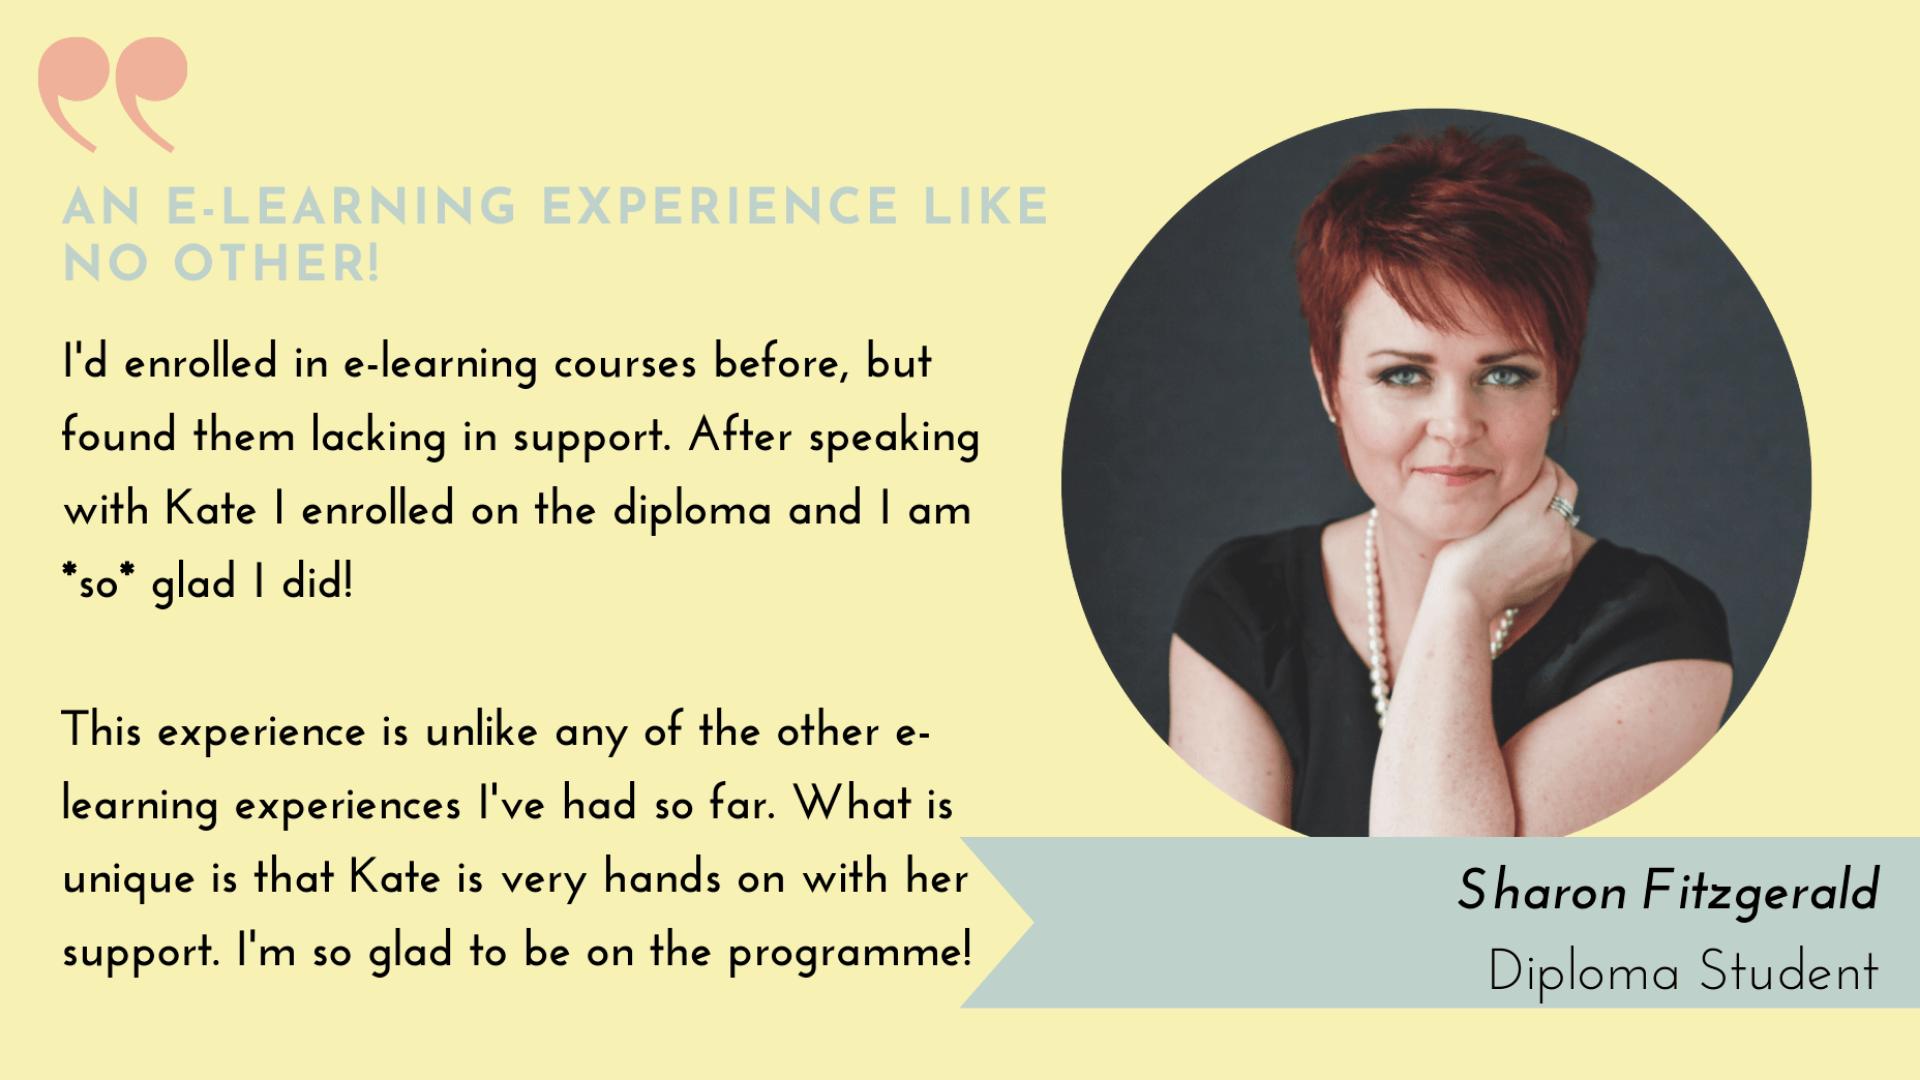 Diploma Student Sharon F